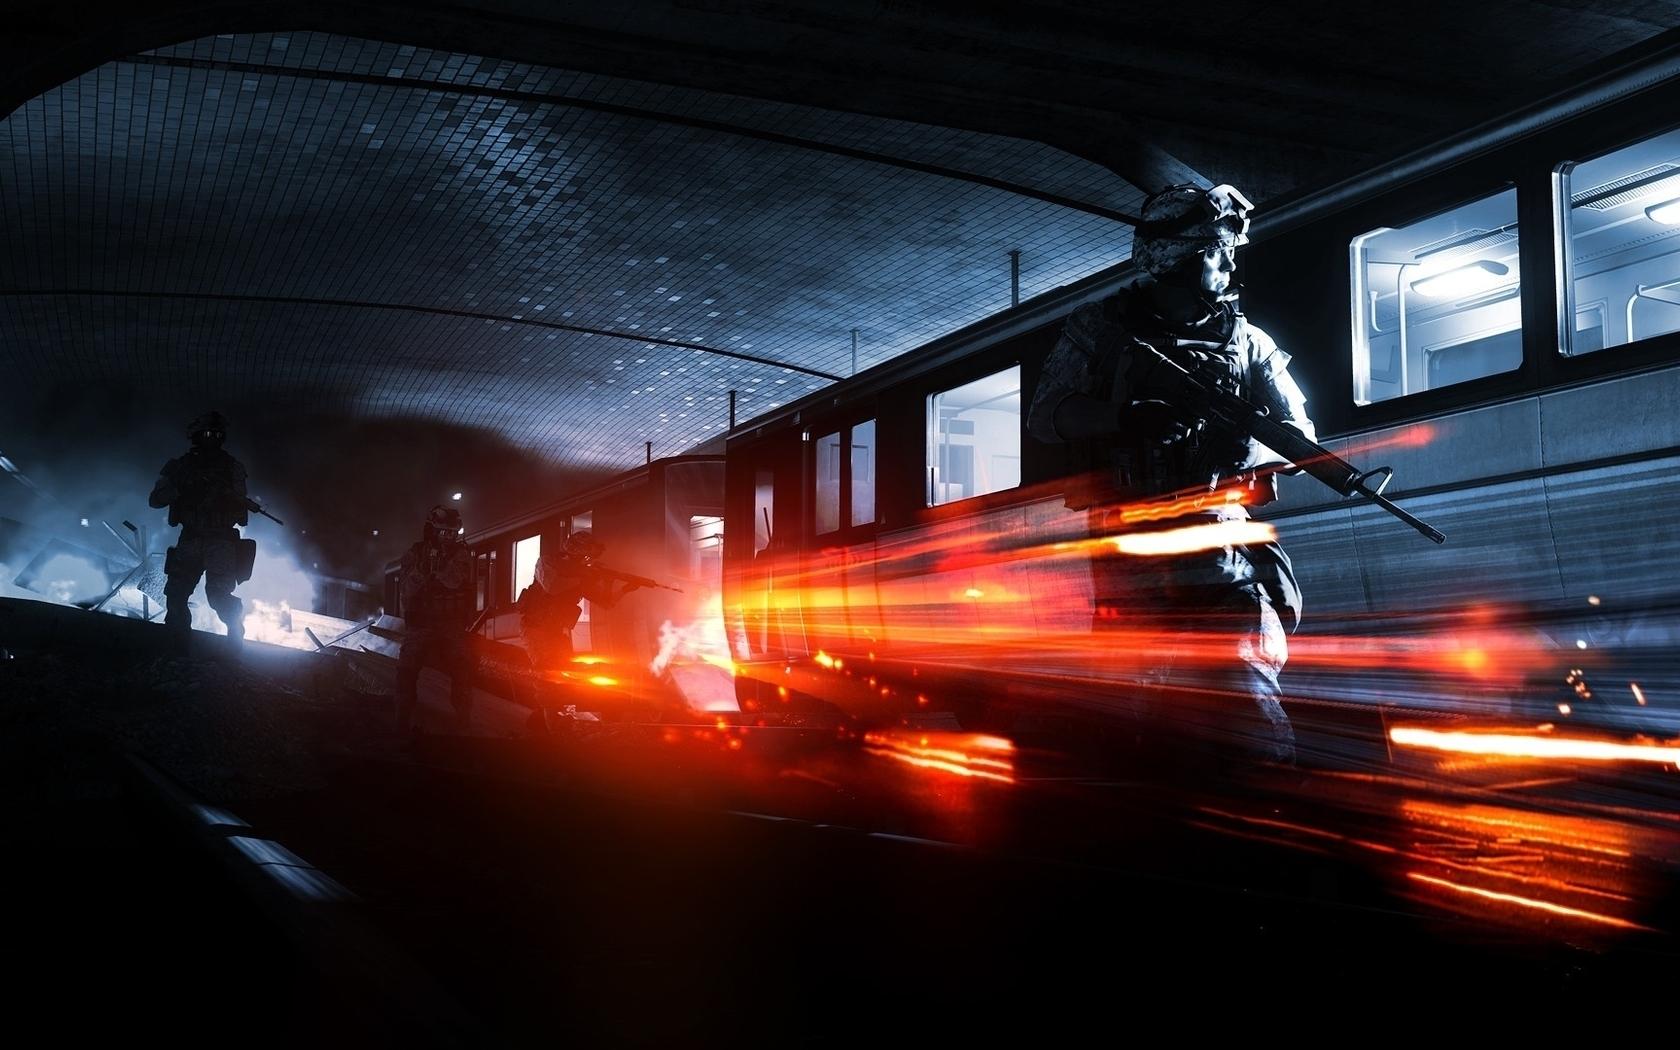 25087 Hintergrundbild herunterladen Spiele, Schlachtfeld - Bildschirmschoner und Bilder kostenlos